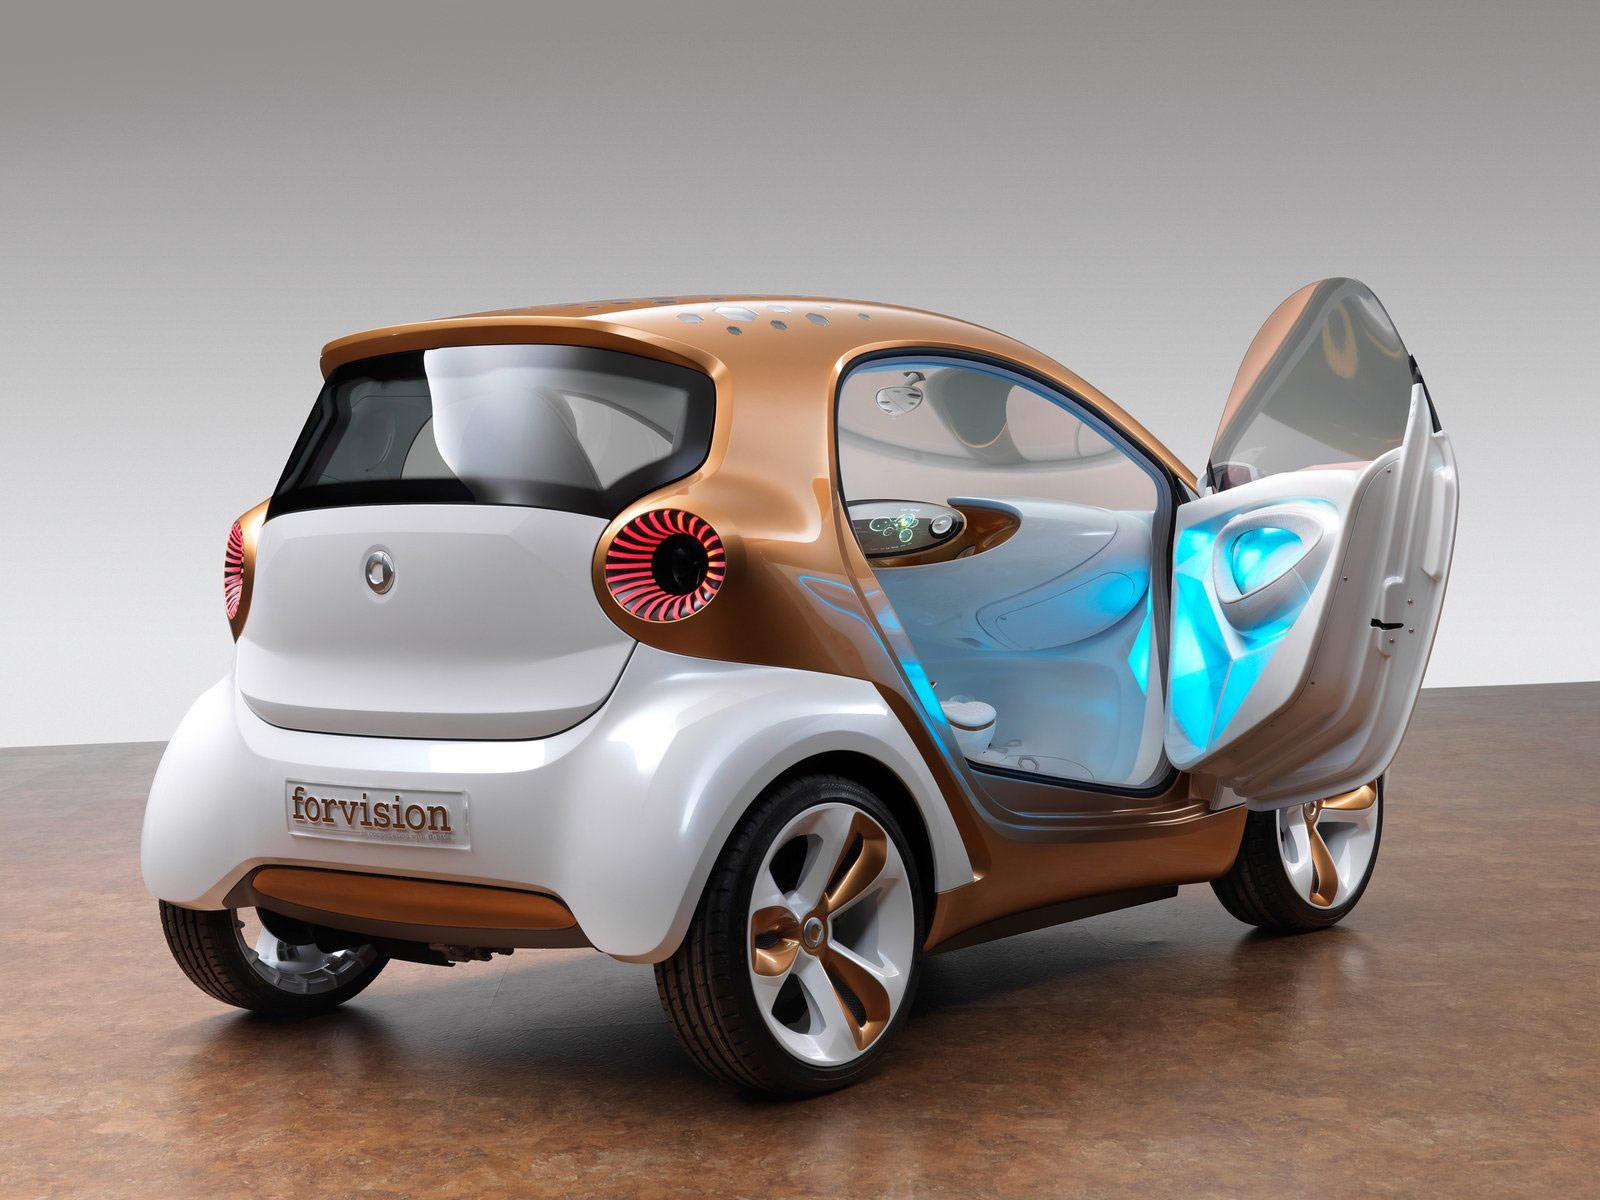 http://1.bp.blogspot.com/-LYoAicKVrsE/TmJ738B2AtI/AAAAAAAAAx8/AR3cmr-NrM8/s1600/smart_forvision_Concept_2011_car-desktop-wallpaper_4.jpg